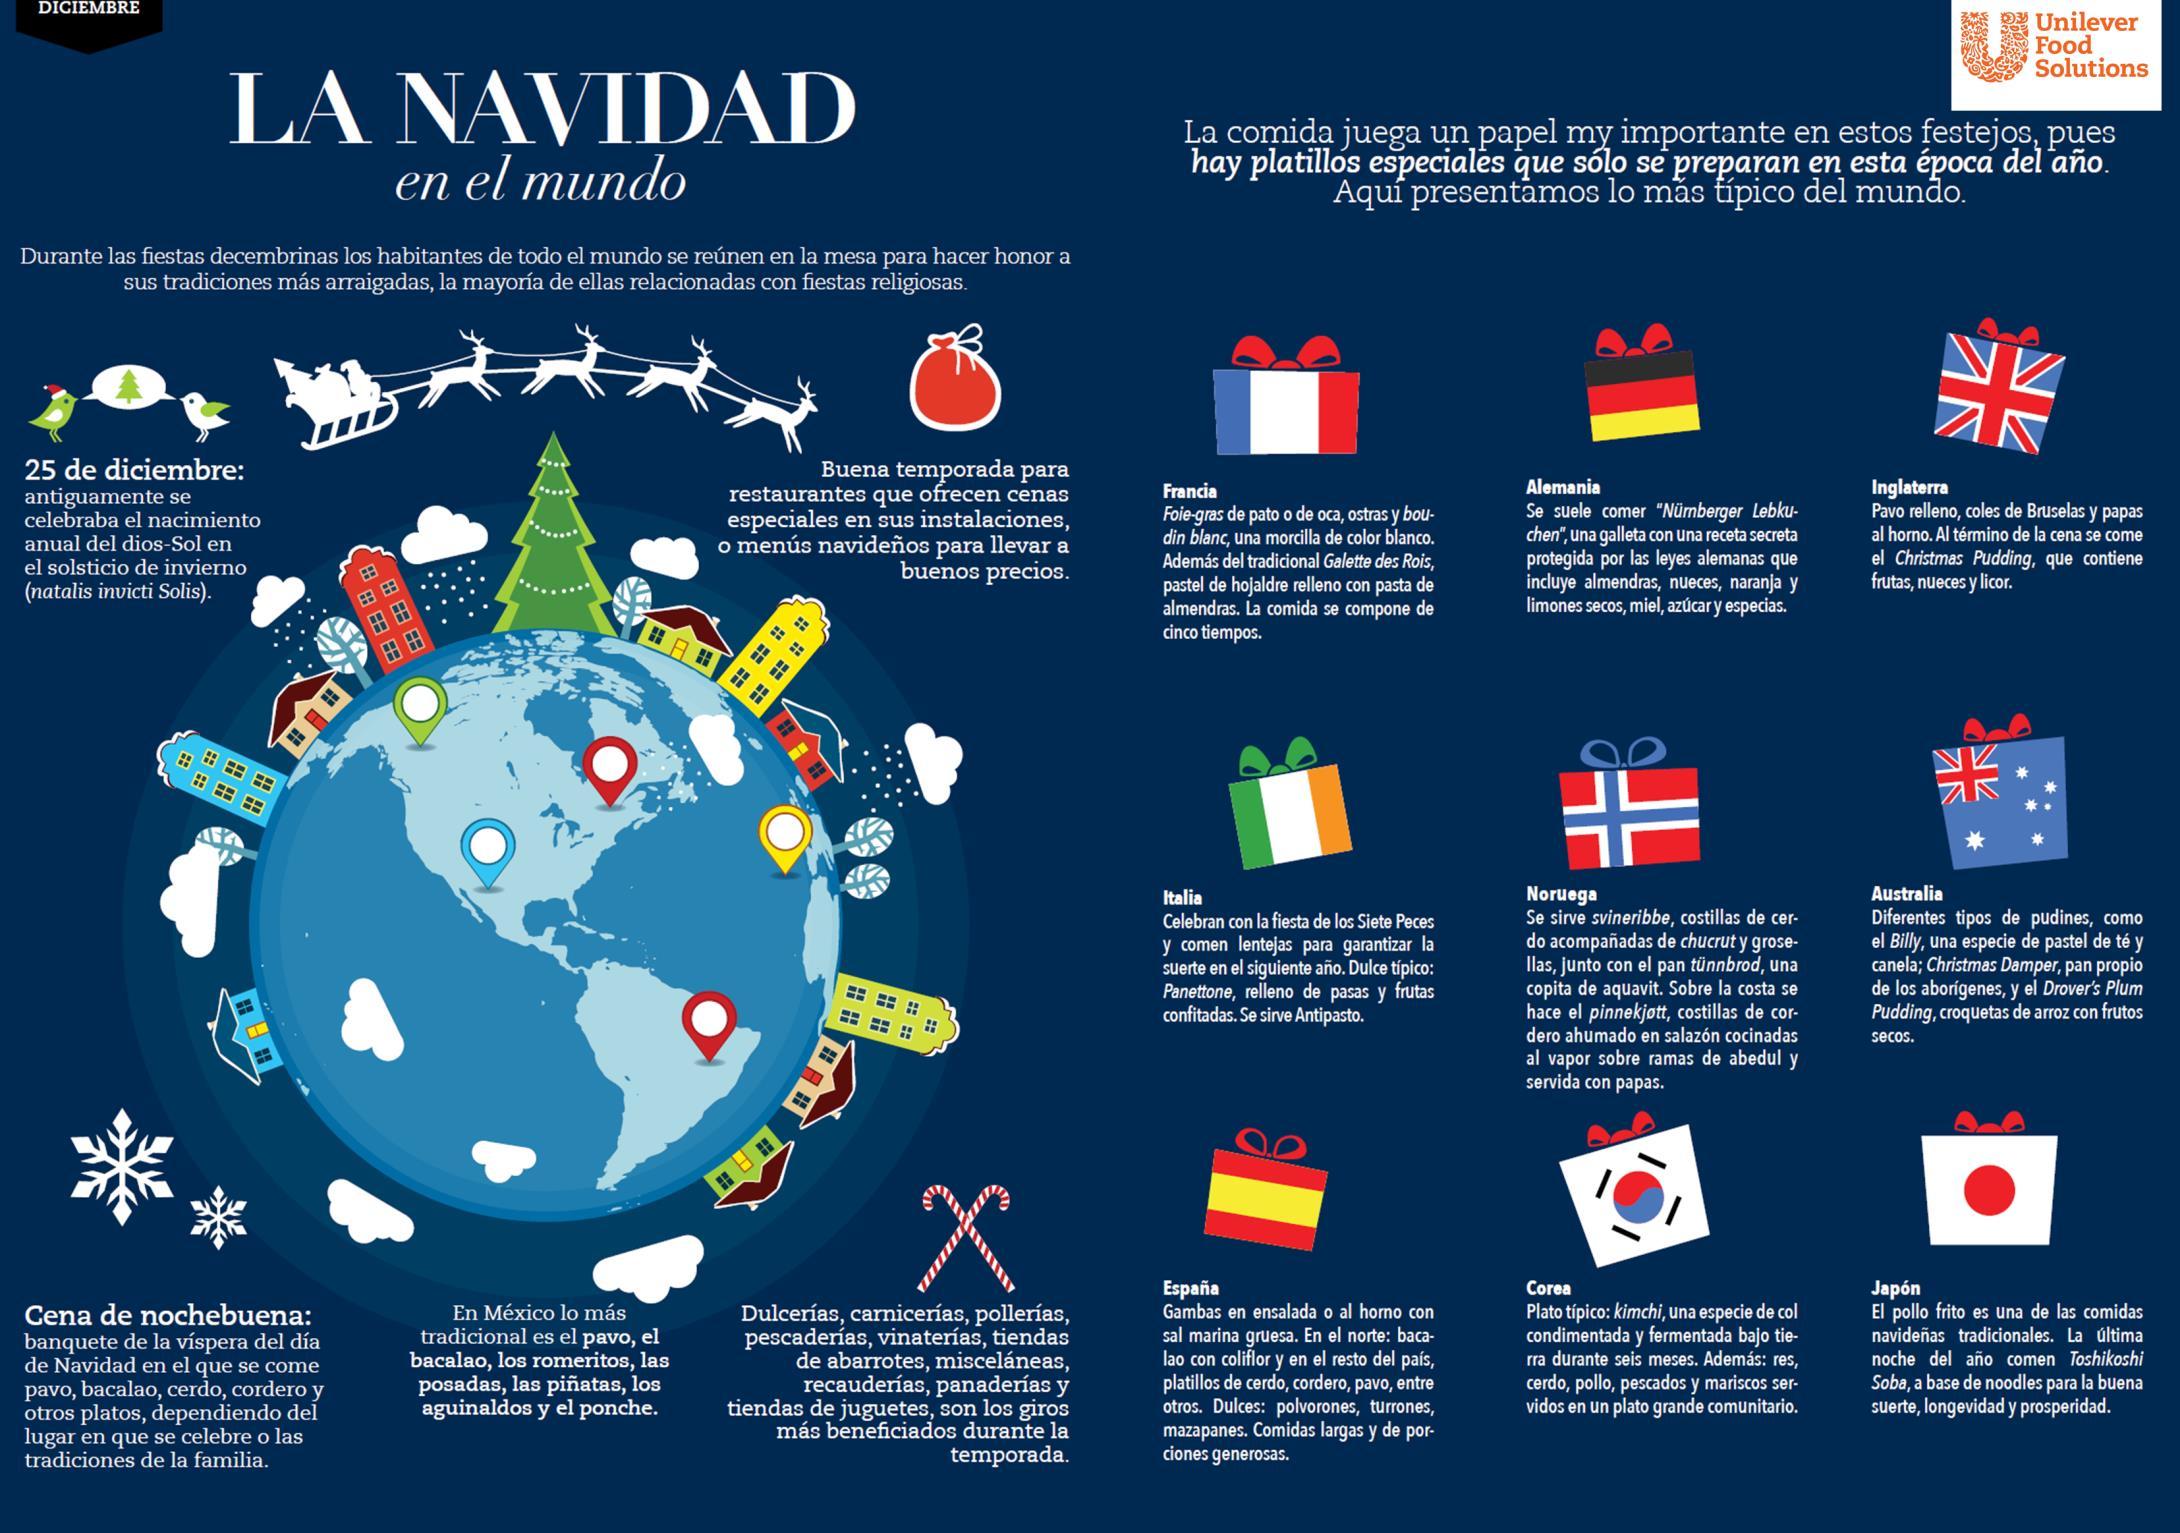 Así se celebra la navidad en el mundo - Revista El Conocedor